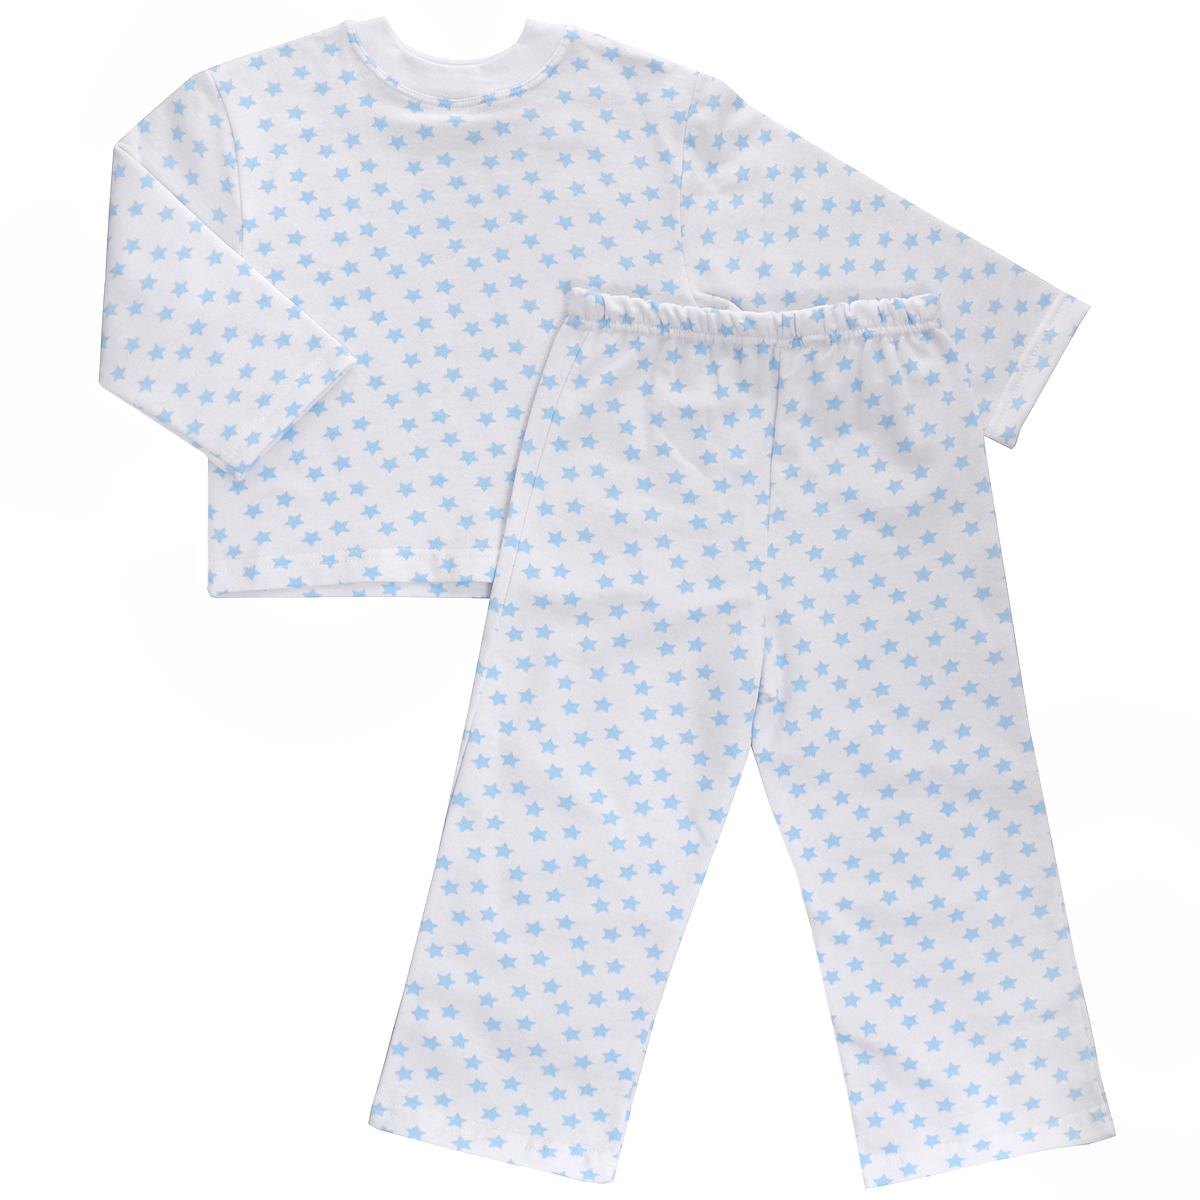 Пижама детская Трон-плюс, цвет: белый, голубой, рисунок звезды. 5553. Размер 122/128, 7-10 лет5553Яркая детская пижама Трон-плюс, состоящая из кофточки и штанишек, идеально подойдет вашему малышу и станет отличным дополнением к детскому гардеробу. Теплая пижама, изготовленная из набивного футера - натурального хлопка, необычайно мягкая и легкая, не сковывает движения ребенка, позволяет коже дышать и не раздражает даже самую нежную и чувствительную кожу малыша. Кофта с длинными рукавами имеет круглый вырез горловины. Штанишки на удобной резинке не сдавливают животик ребенка и не сползают.В такой пижаме ваш ребенок будет чувствовать себя комфортно и уютно во время сна.